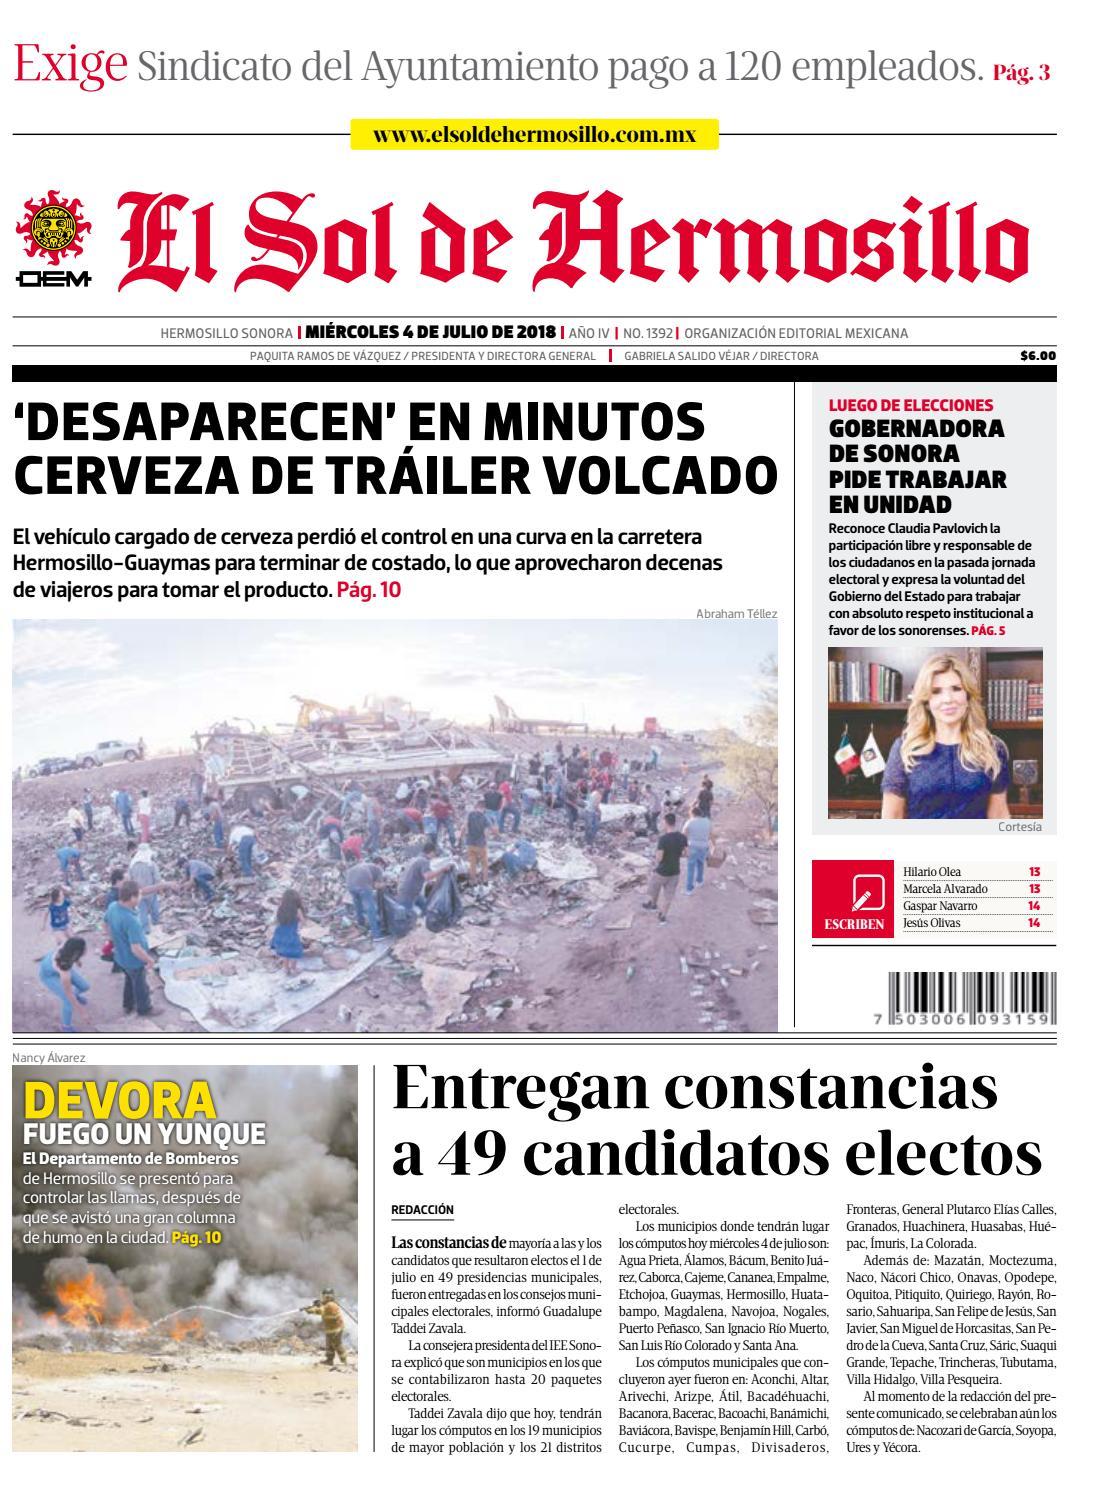 Edición impresa 4 de julio 2018 by El Sol de Hermosillo - issuu 906050b3ec8